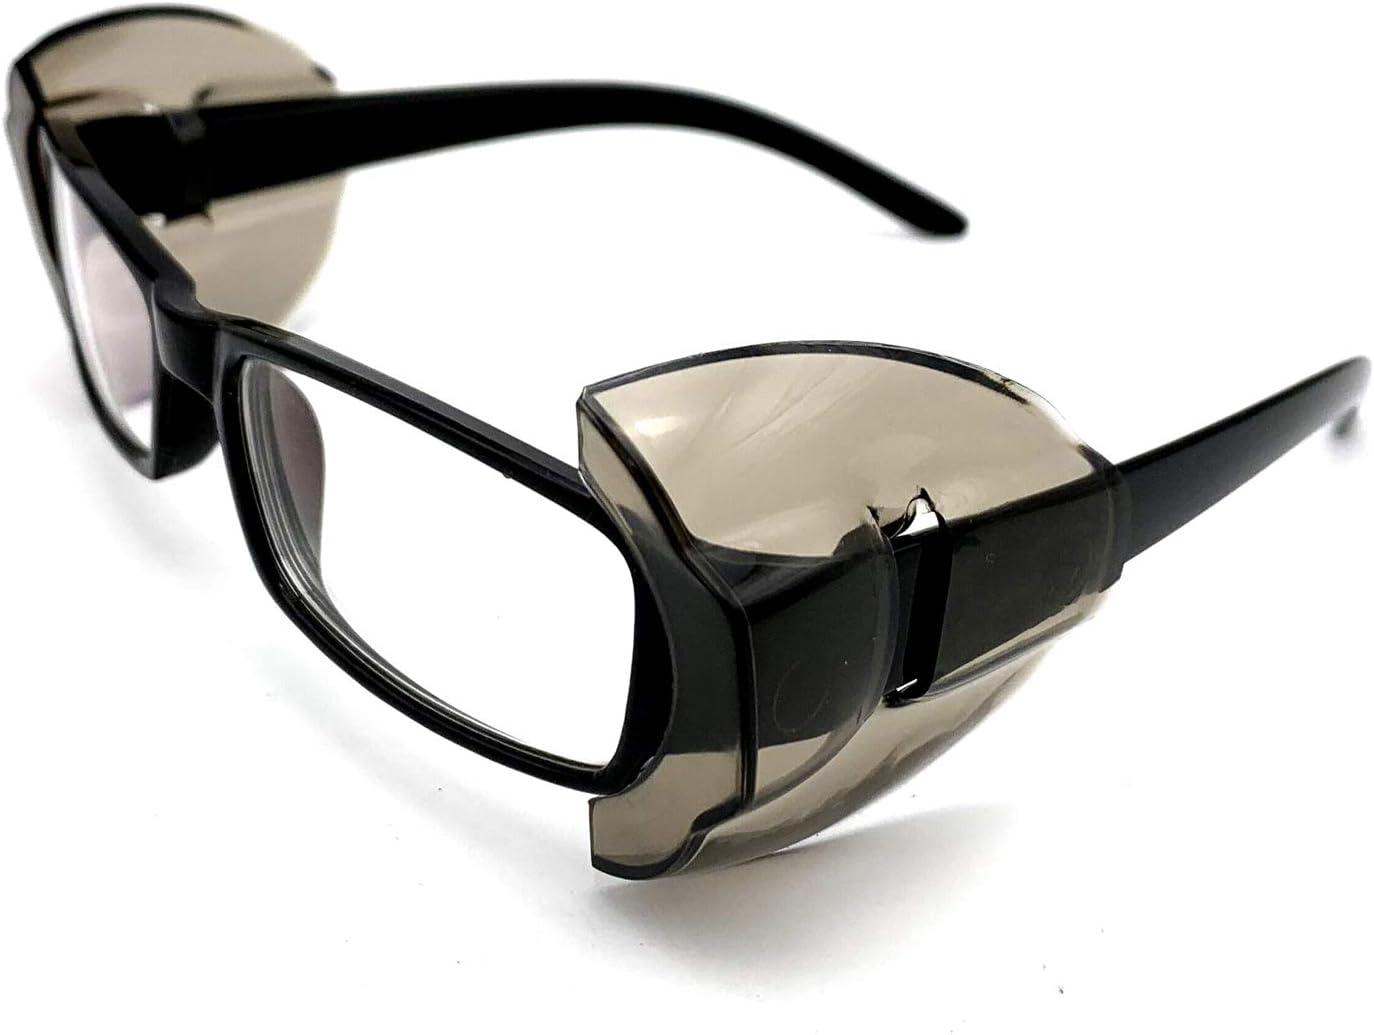 KOSTOO - Protectores laterales para gafas de seguridad, 2 pares de protectores laterales para gafas de seguridad, protección para los ojos, se adapta a gafas de tamaño mediano a grande, blanco